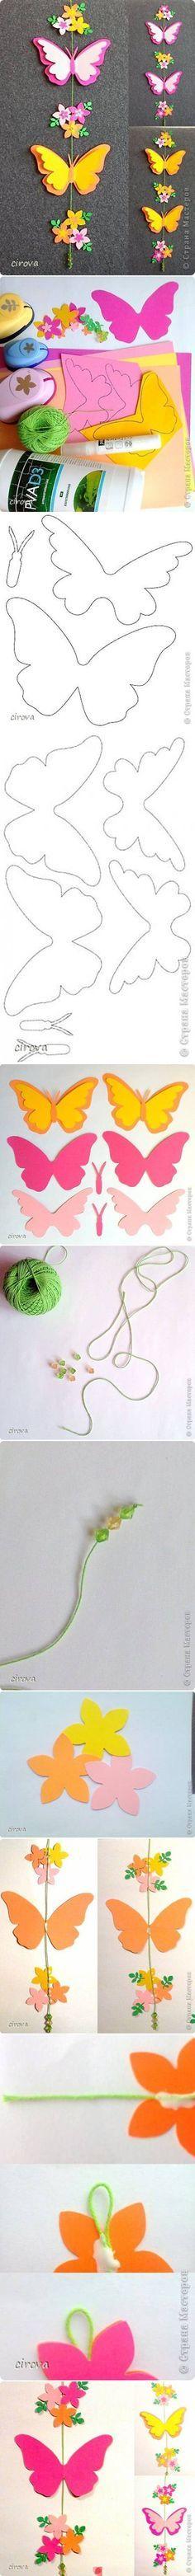 Vrolijke Voorjaarslinger van vilten Vlinders Zelf maken? Kijk voor vilt en andere materialen eens op http://www.bijviltenzo.nl